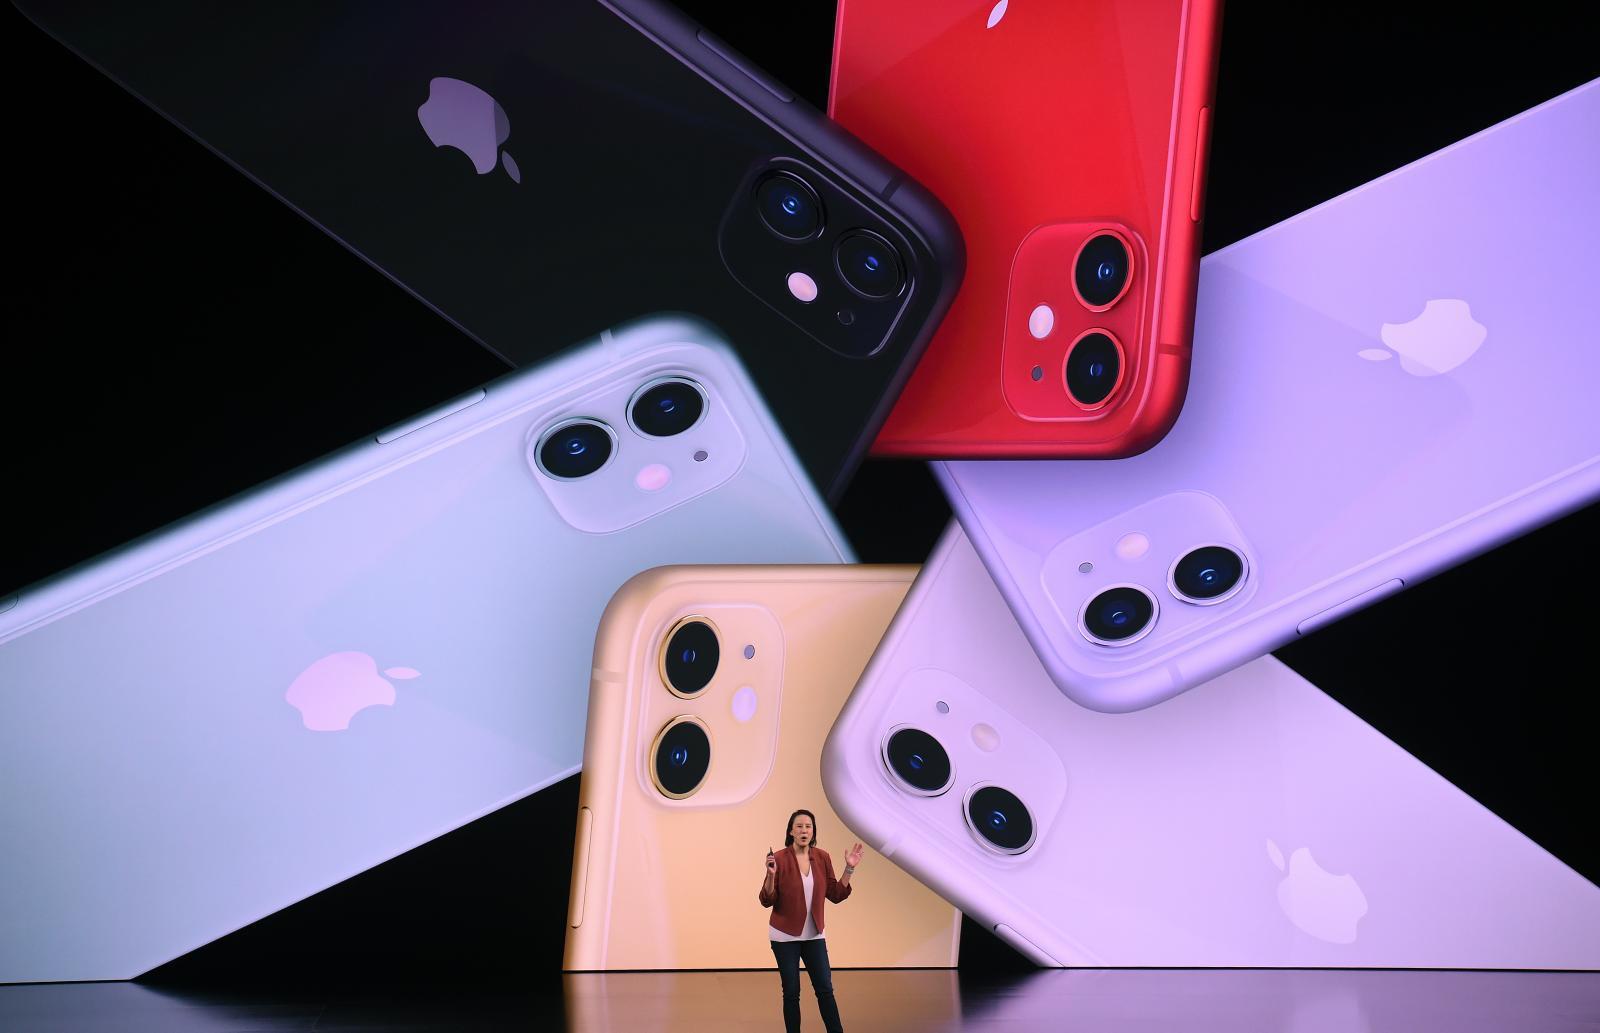 """เปิด """"นวัตกรรมใหม่"""" ตามสไตล์แอปเปิ้ลกับ """"ราคาที่ถูกลง"""""""